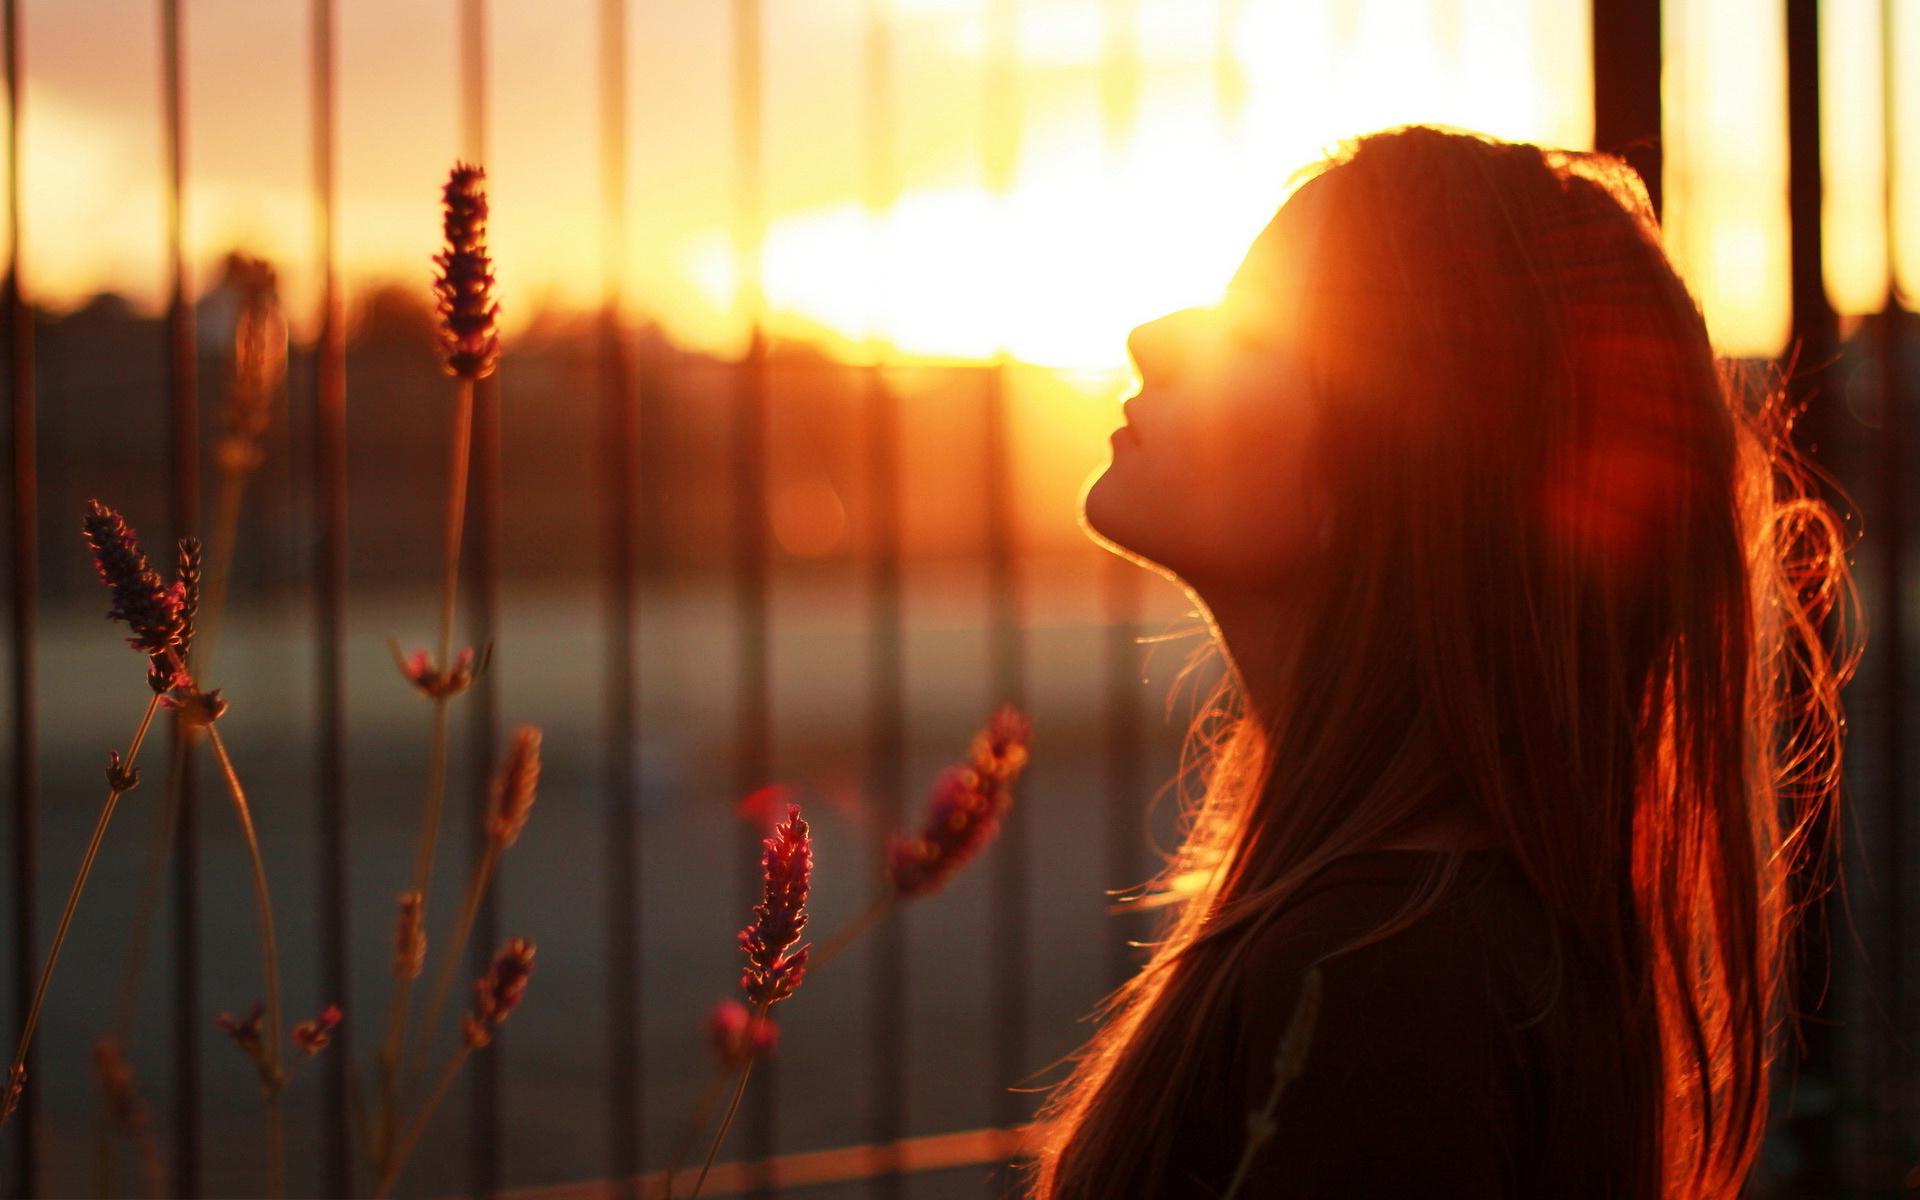 Girl sunset mood